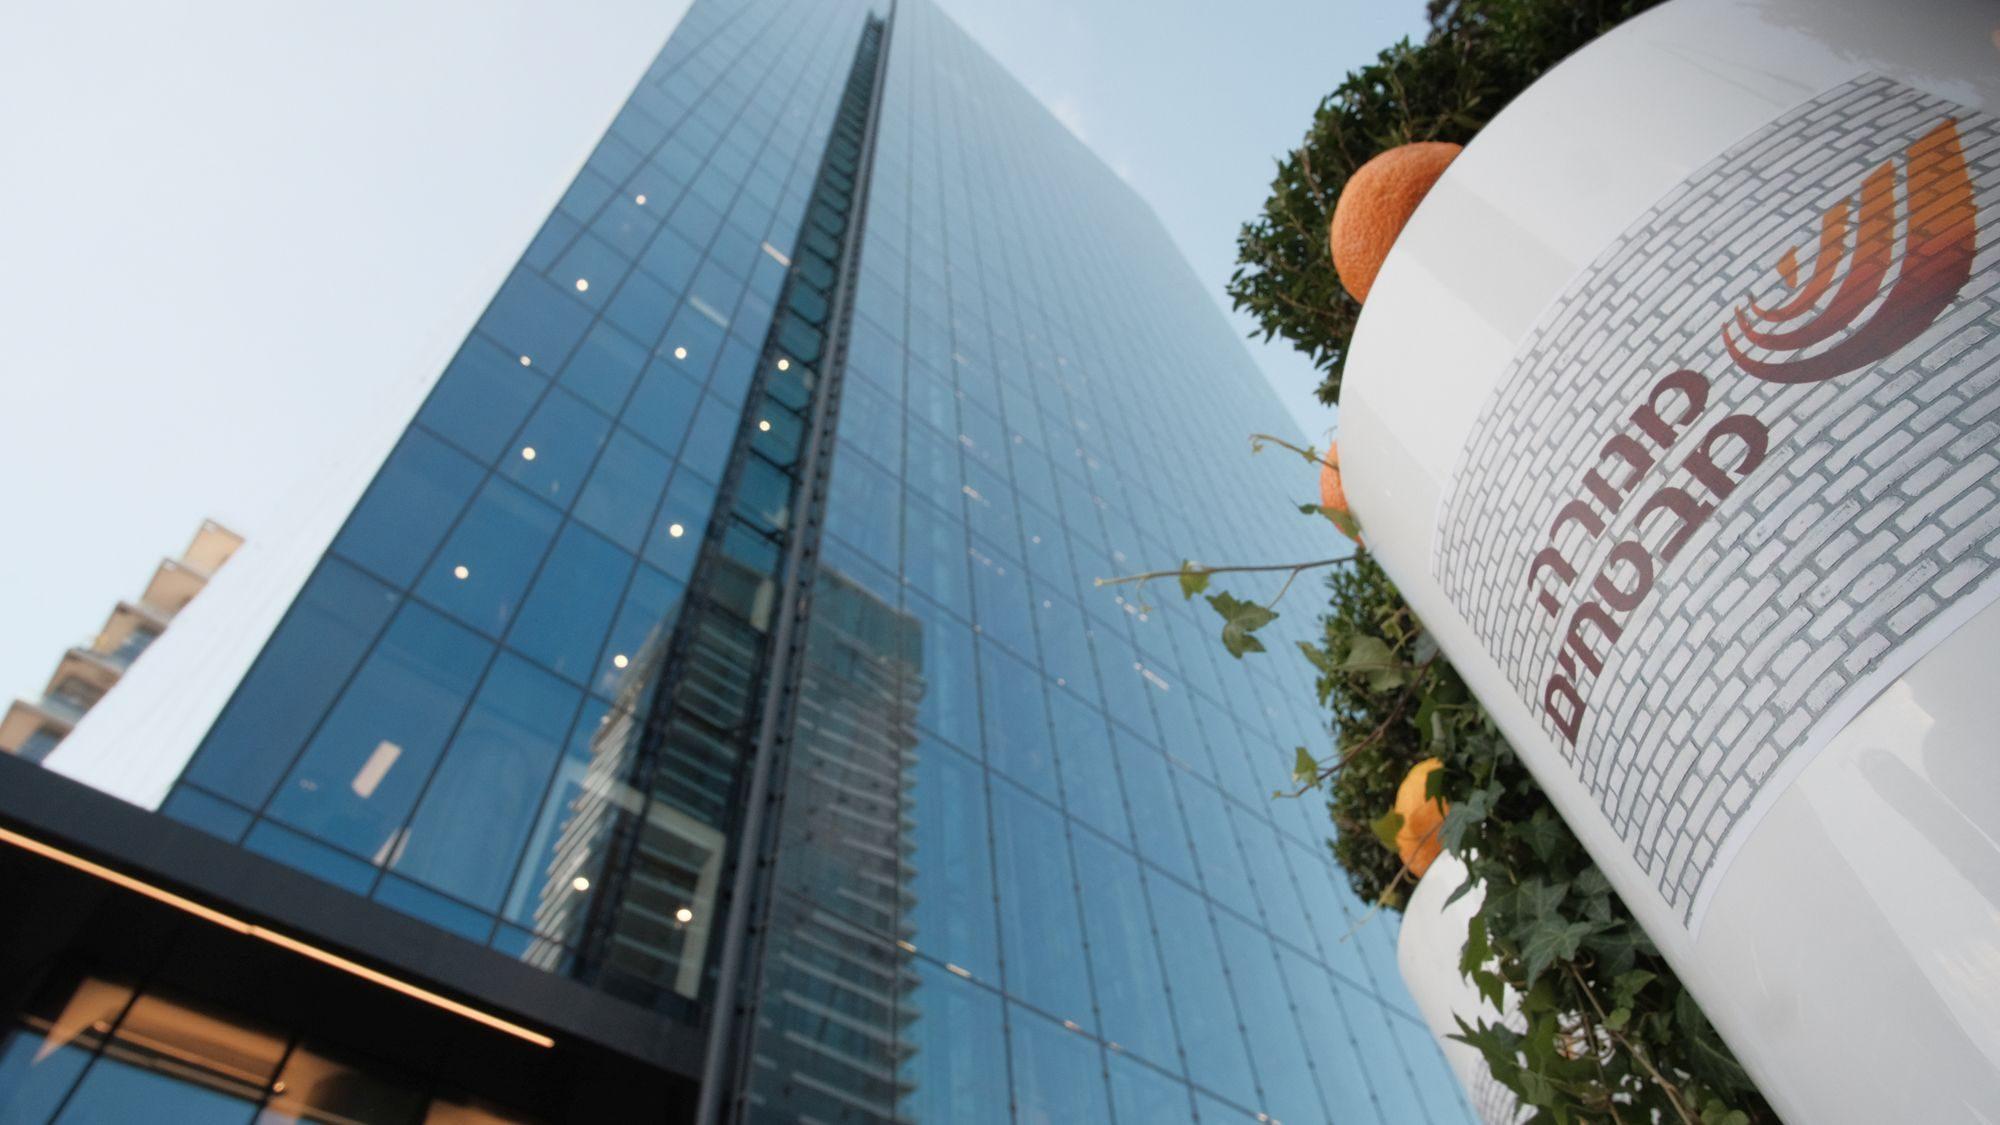 מנורה מבטחים תשווק פוליסת ביטוח מקיף גם לנהגים עם שתי תביעות